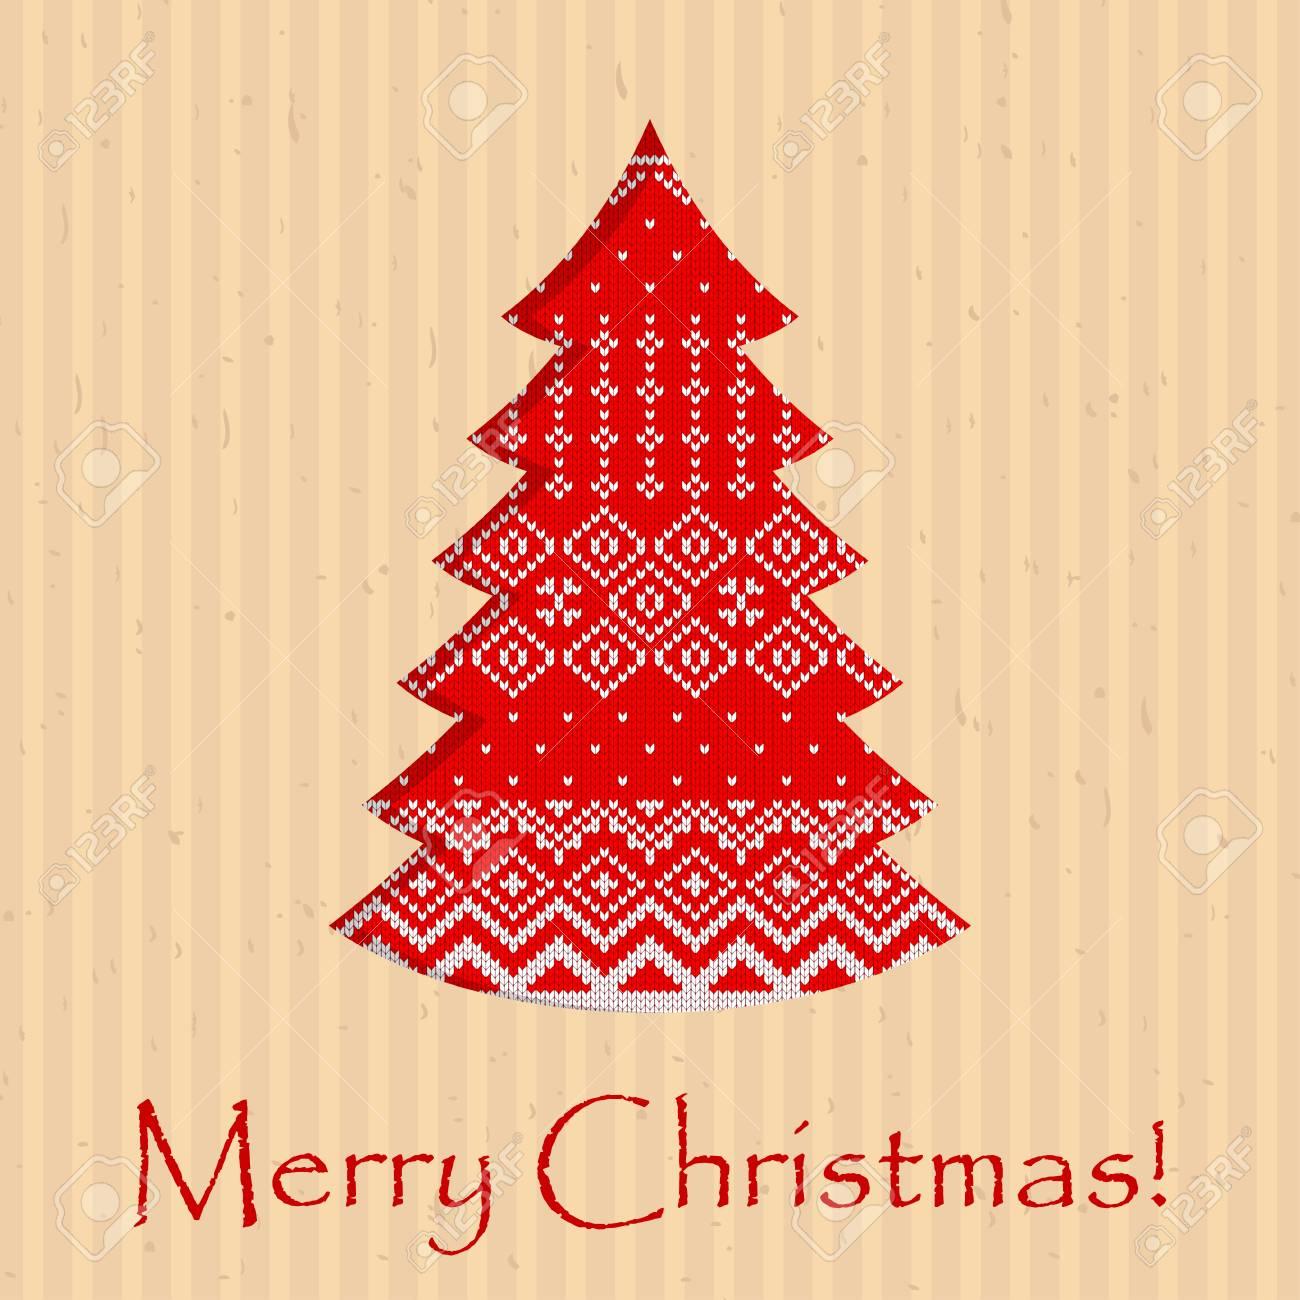 Felicitaciones De Navidad Para Postales.Postal Hecha A Mano Para Ano Nuevo Y Navidad Las Felicitaciones Estan Esculpidas En Papel Artesanal Con Patron Escandinavo Tejido Ilustracion De